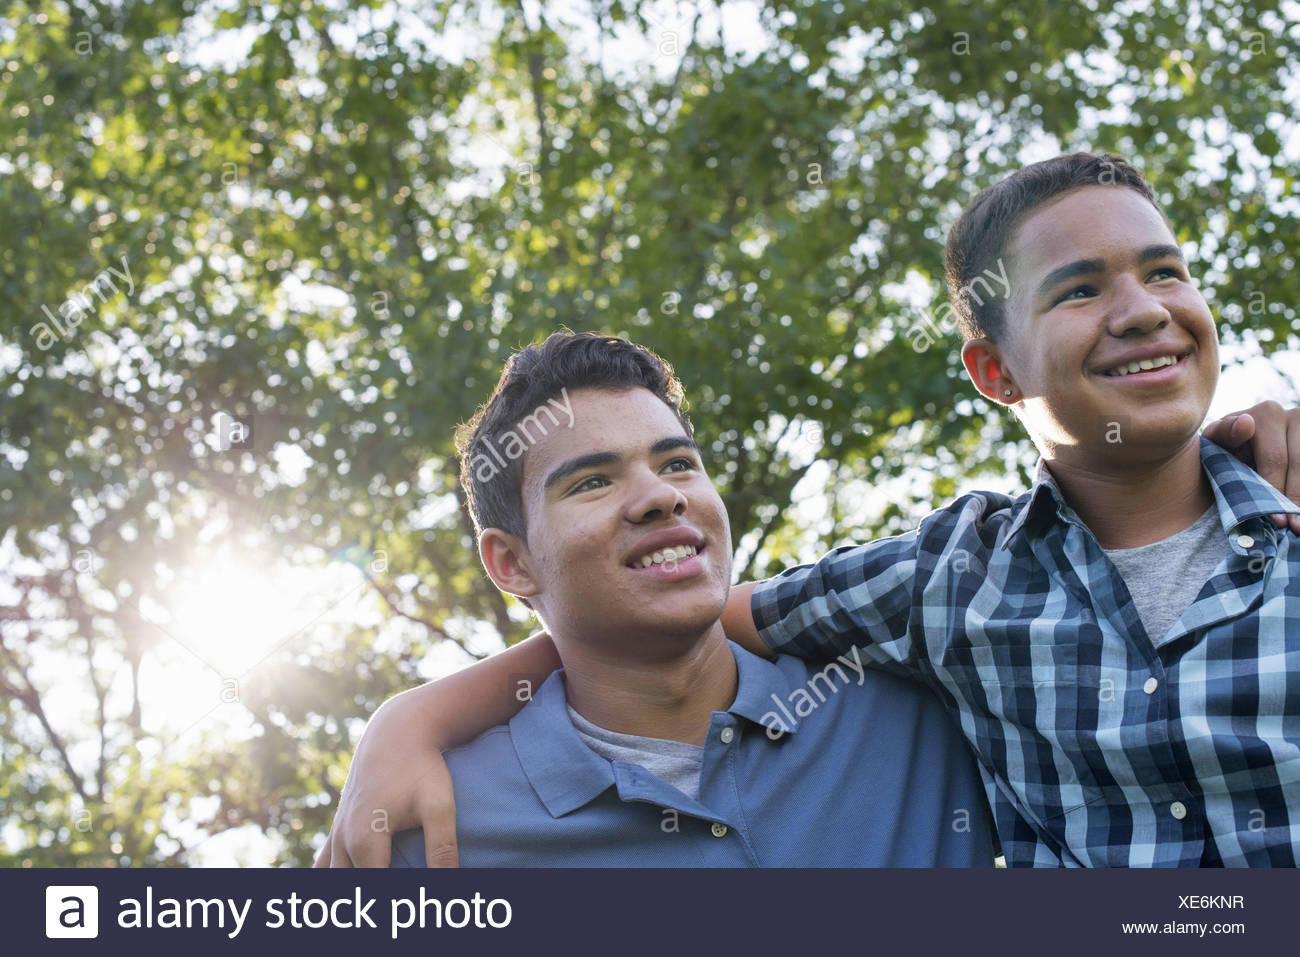 Zwei junge Männer im Freien eine mit seinen Arm um die Schultern des anderen Stockbild